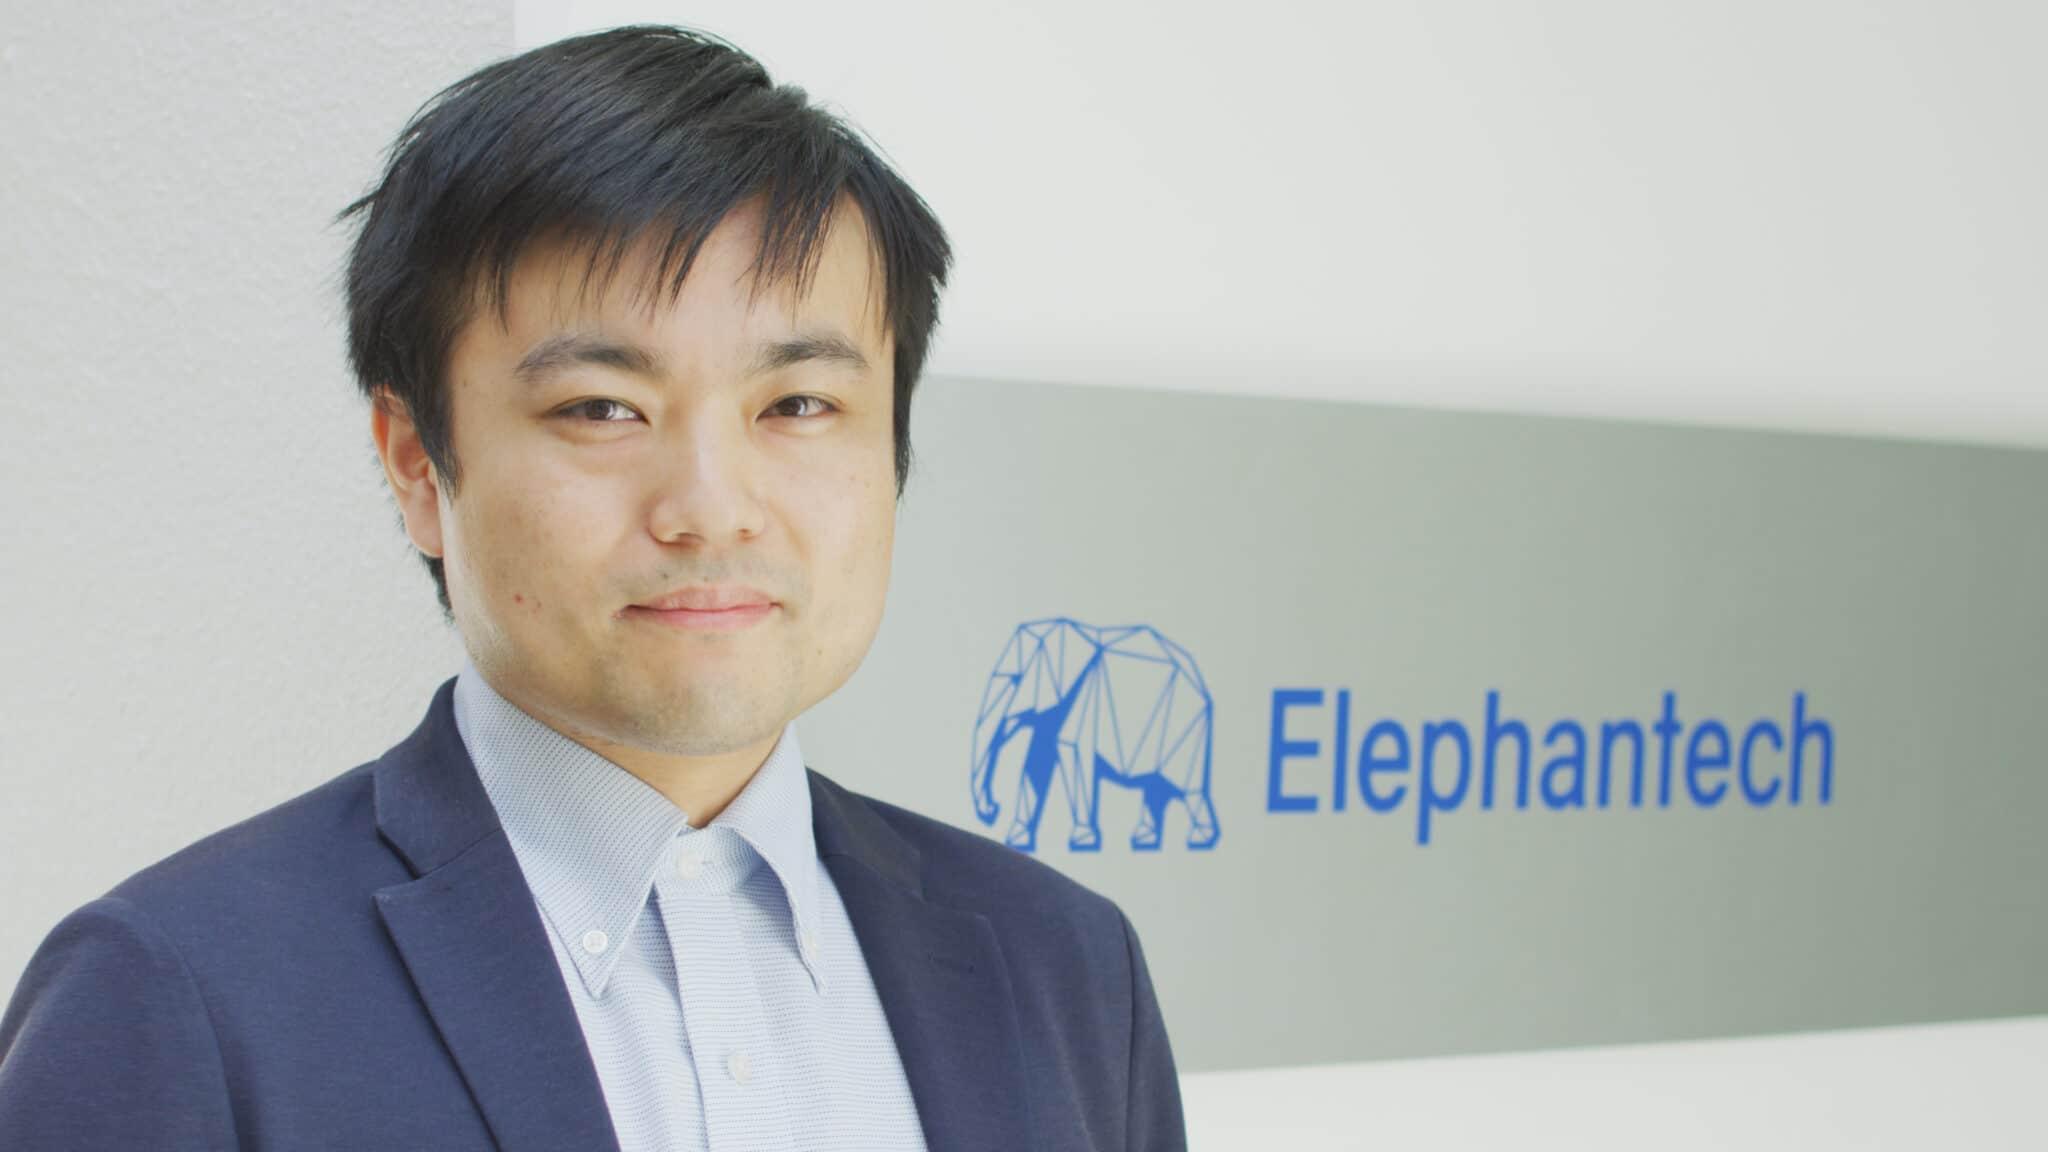 Shinya Shimizu Elephantech